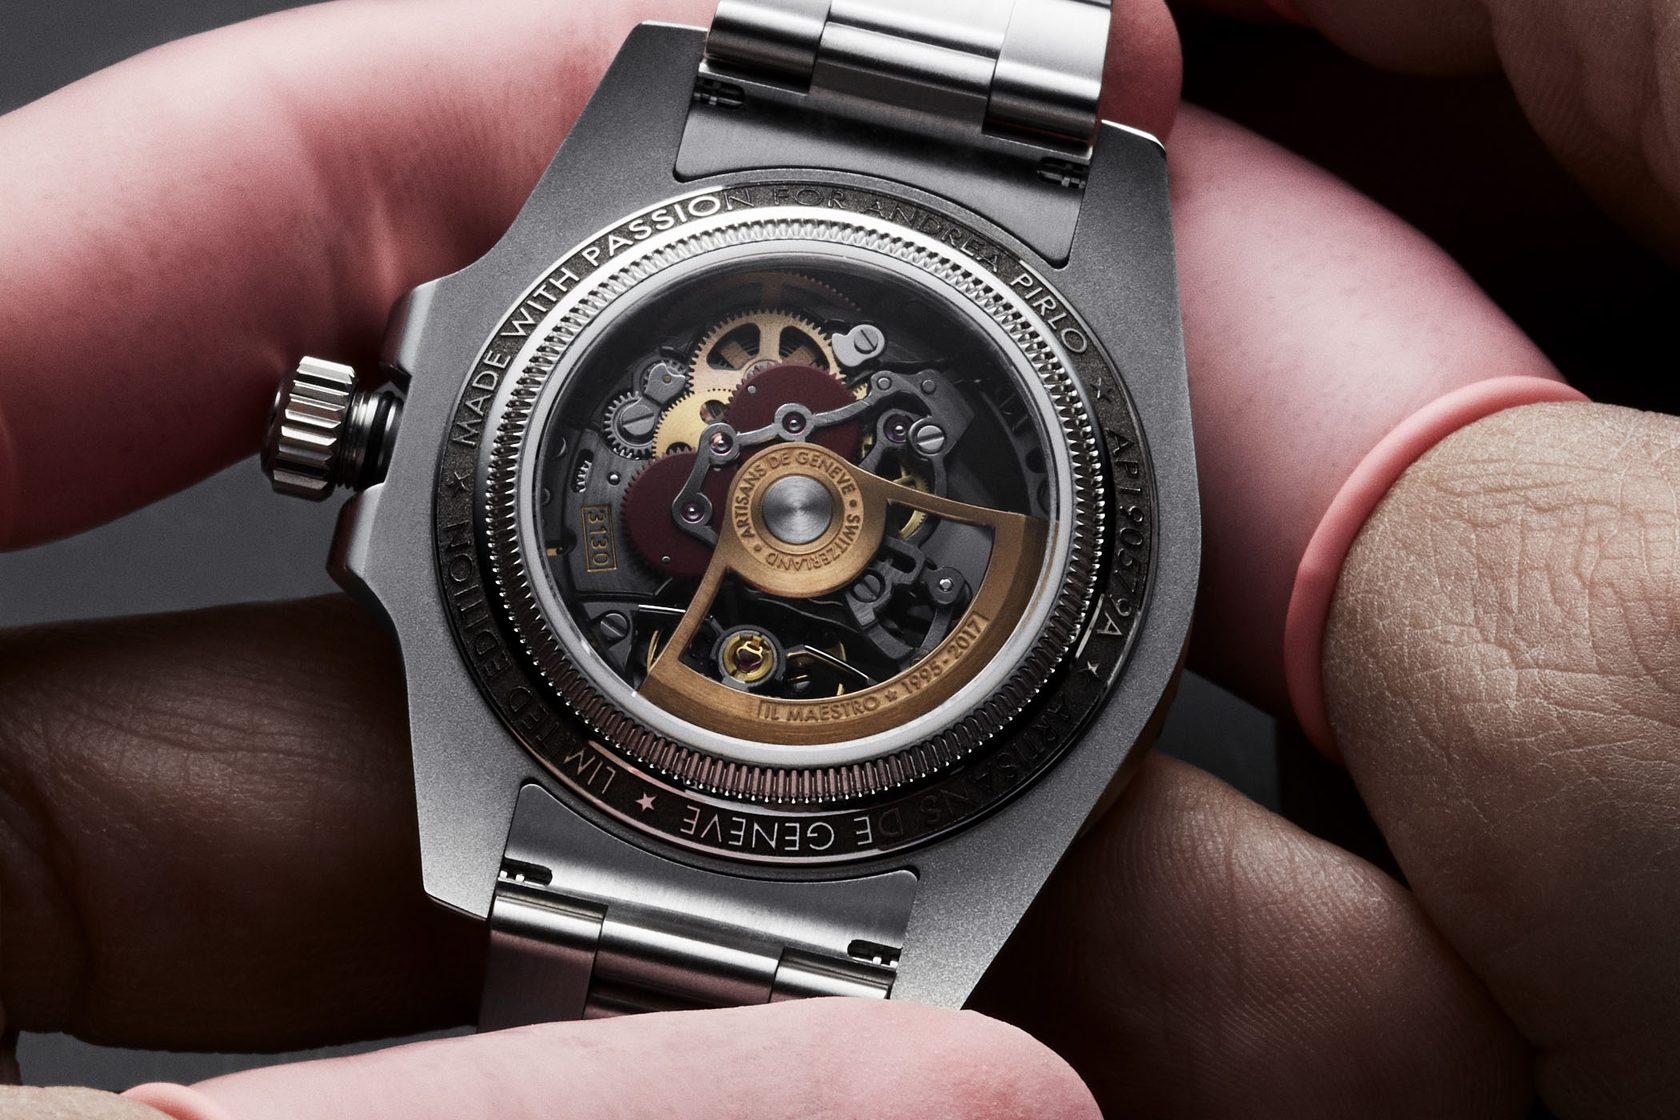 Продать Швейцарские часы  - Выкуп часов в Москве